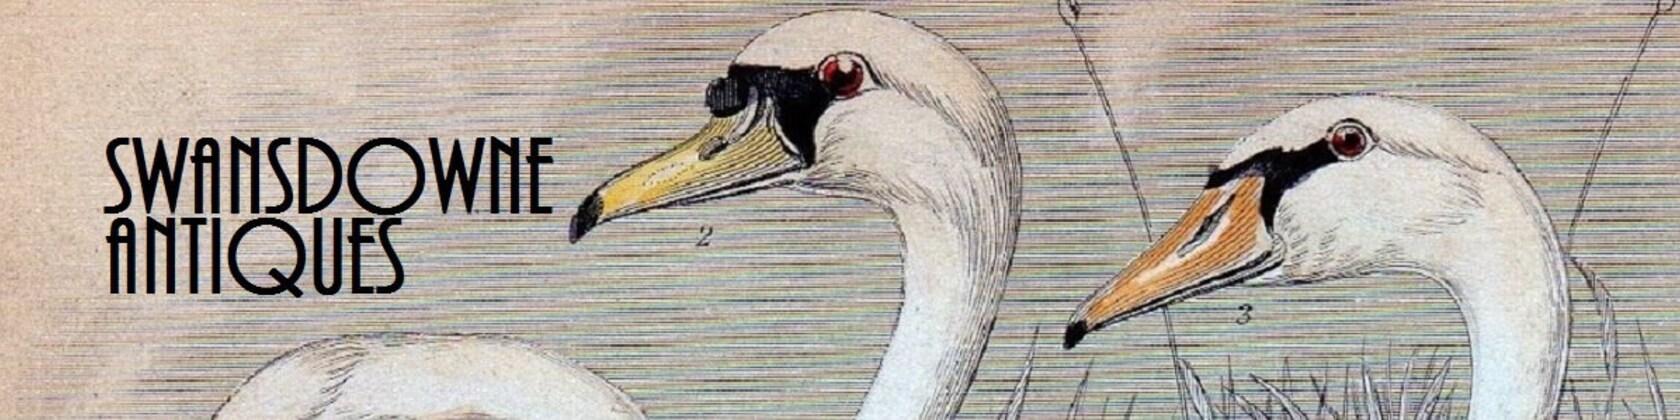 Vintage ansehen von Swansdowne auf Etsy